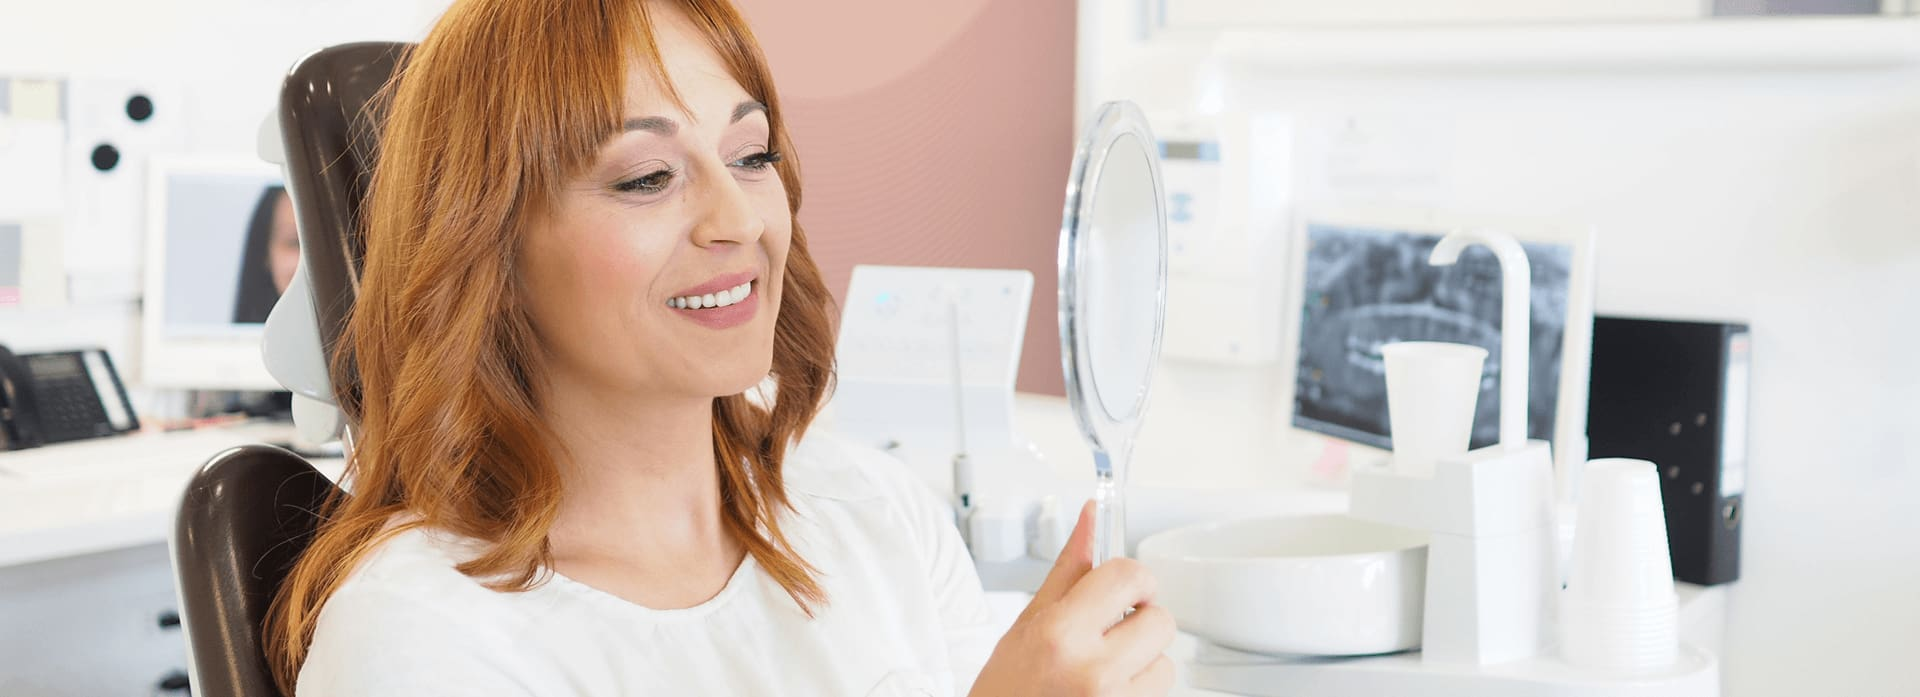 Ponti Dentali Zagabria - Centro Dentale Štimac